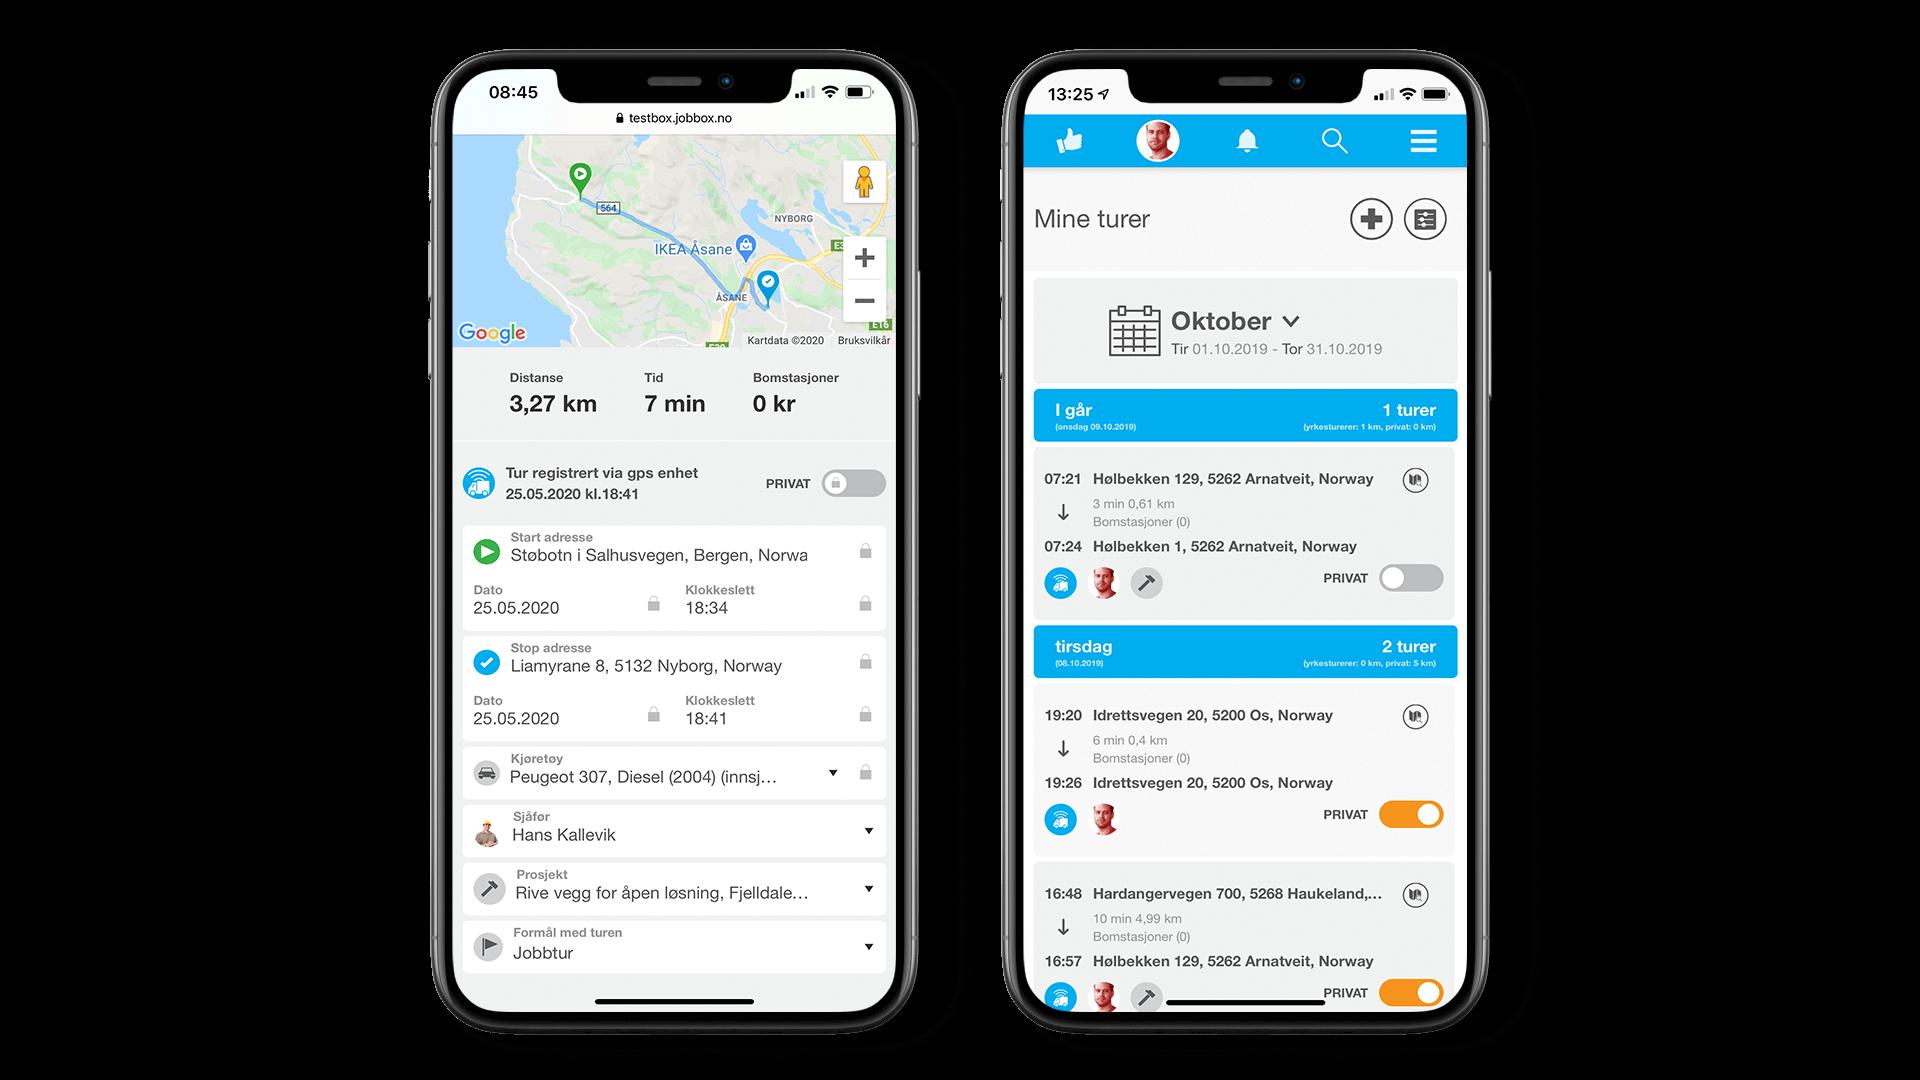 Elektronisk kjørebok med fastmontert GPS-enhet  Automatisk utregning av distanse og bompasseringer  Oppfyller skatteetatens krav til kjørebok